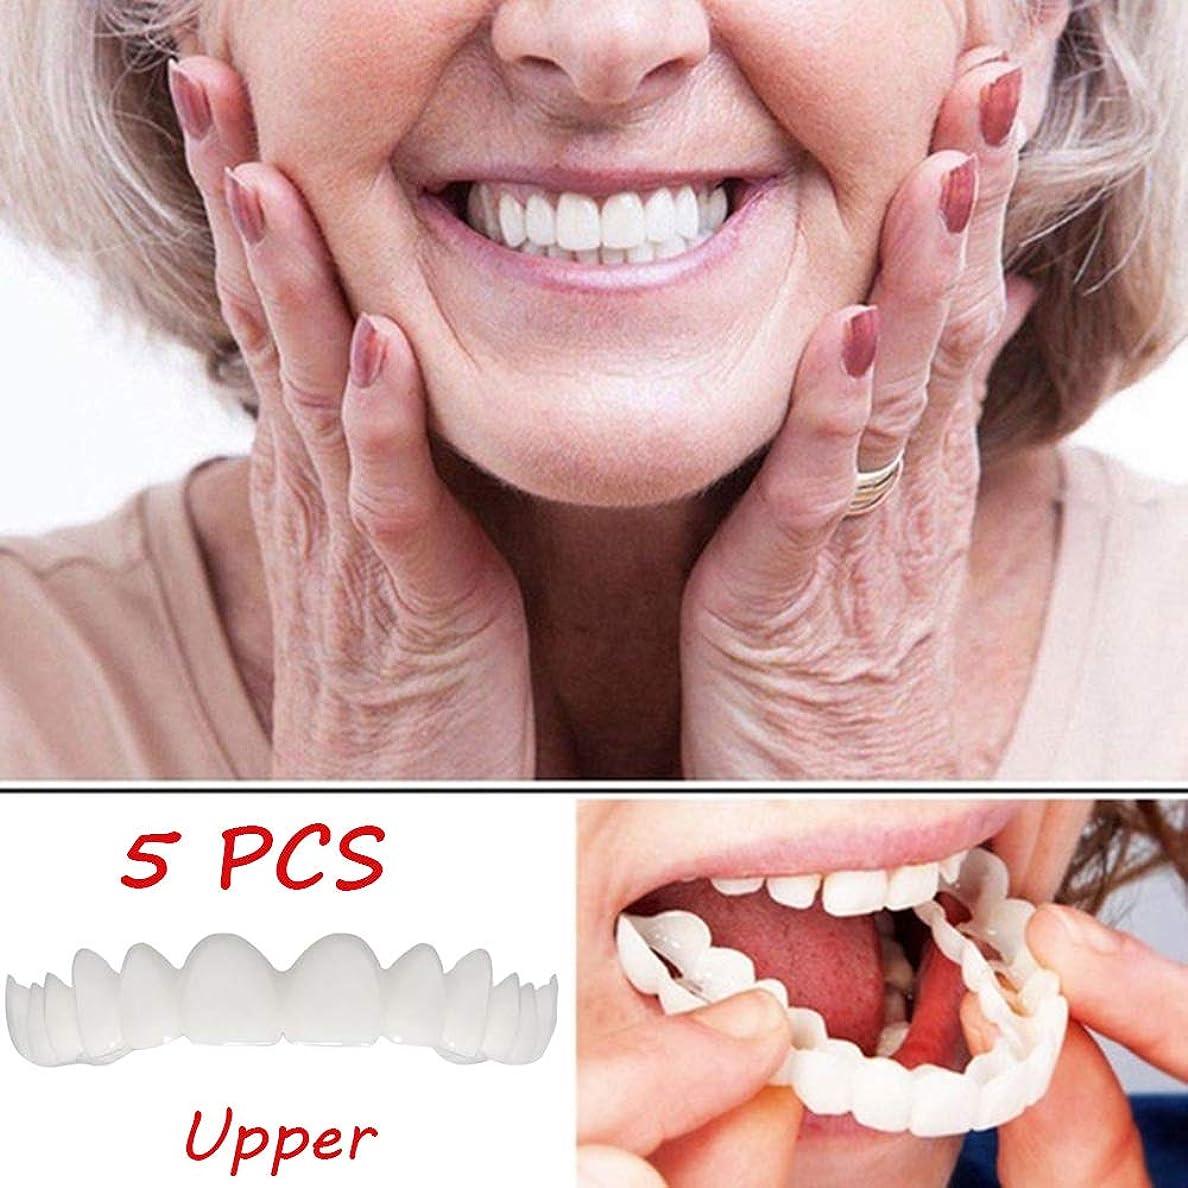 リファインマウスピースステーキ5本の快適なベニヤの歯は一時的に白くなる歯の上の歯1サイズを微笑みますほとんどの人々の美の歯のシミュレーションの歯の義歯の心配